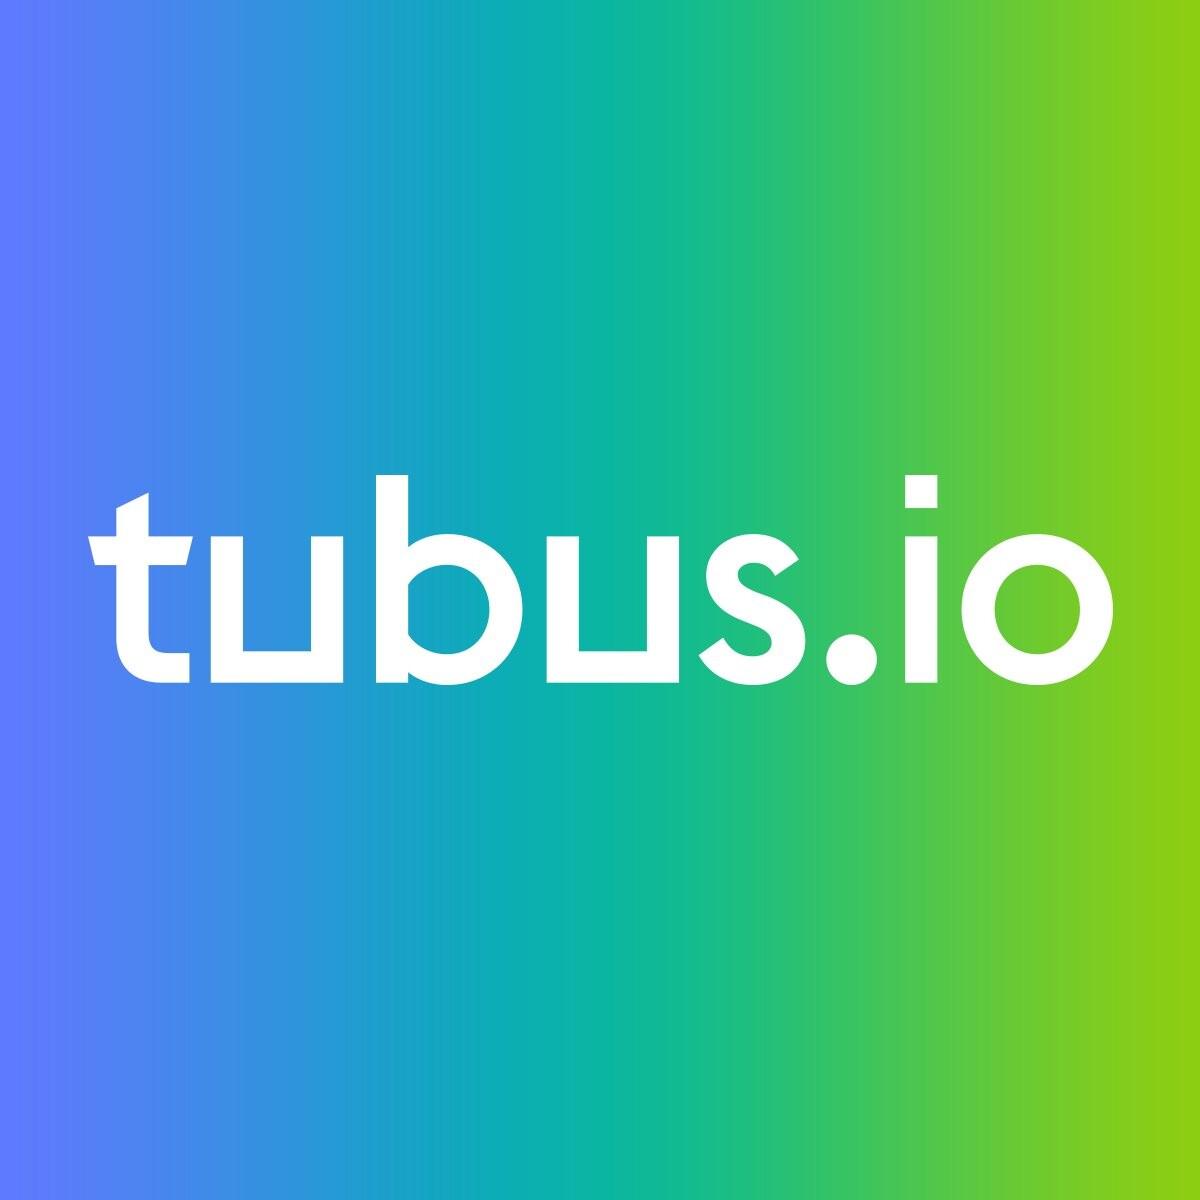 Tubus.io